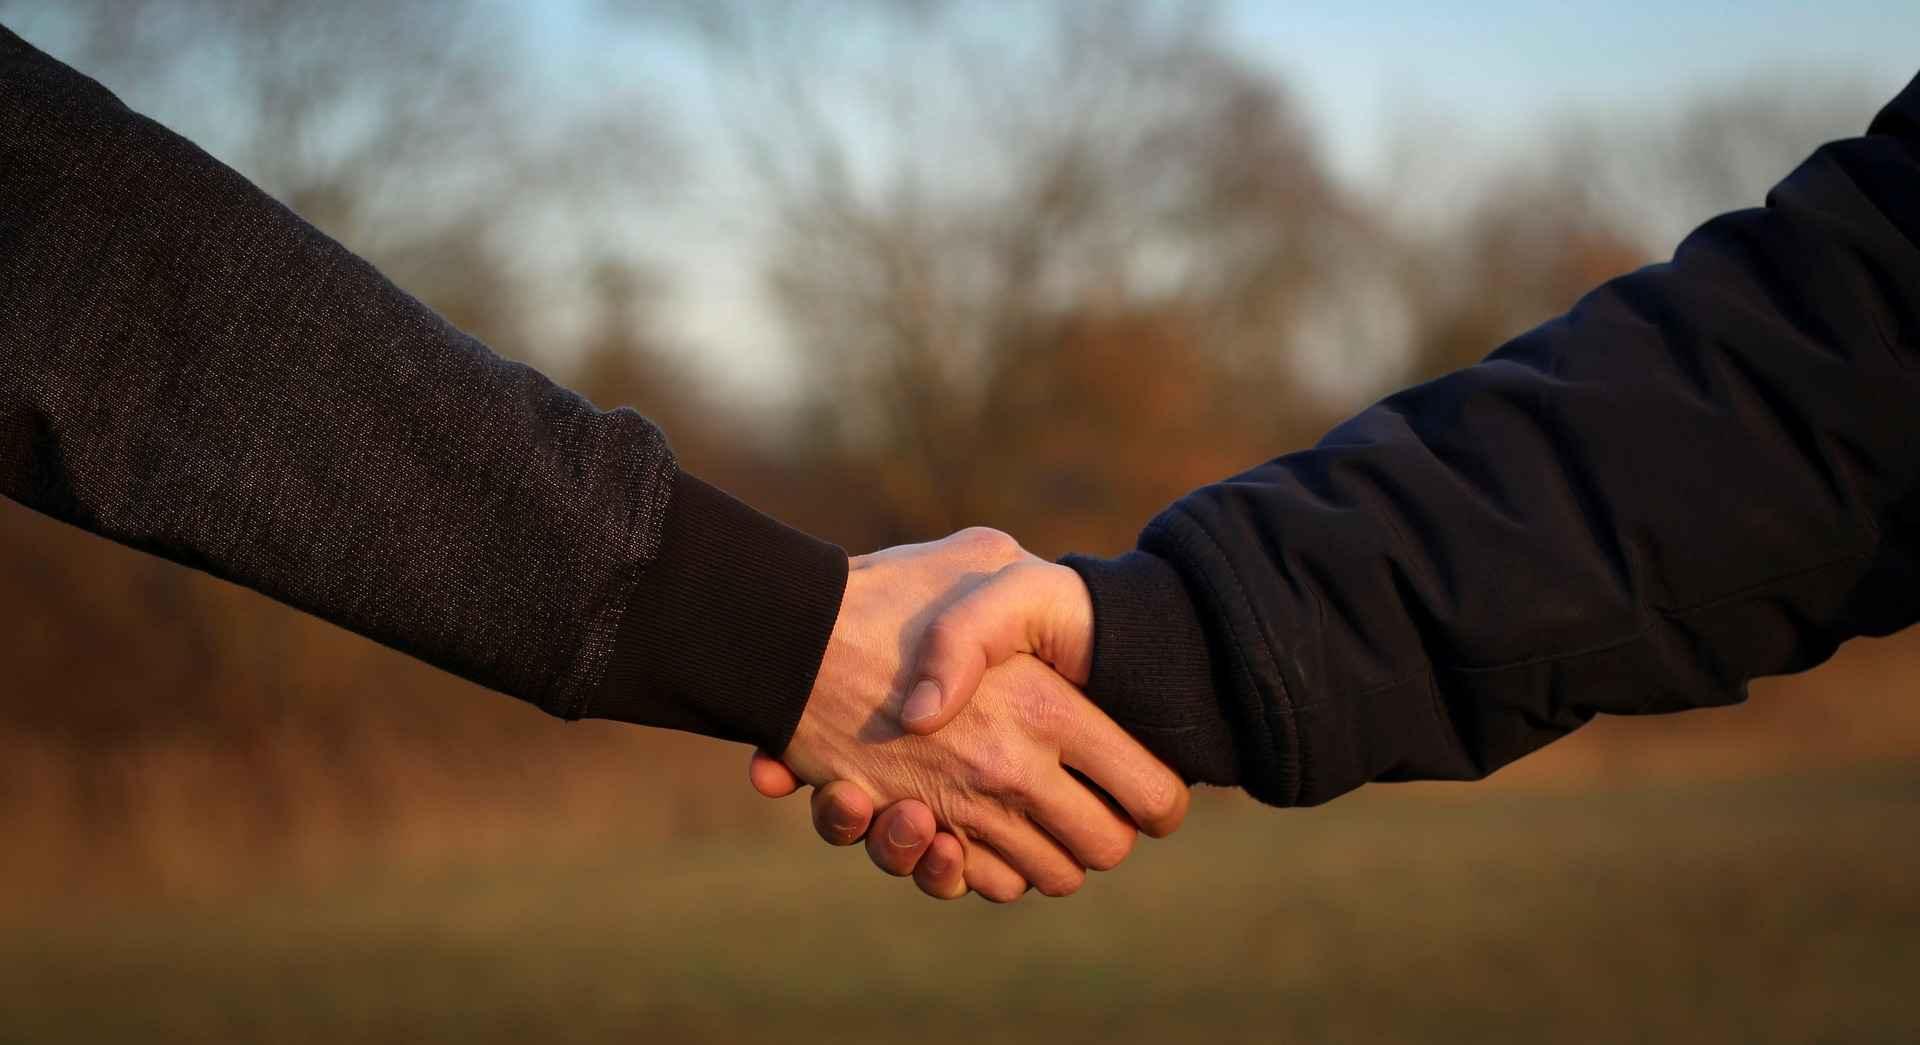 handshake-4002834_1920